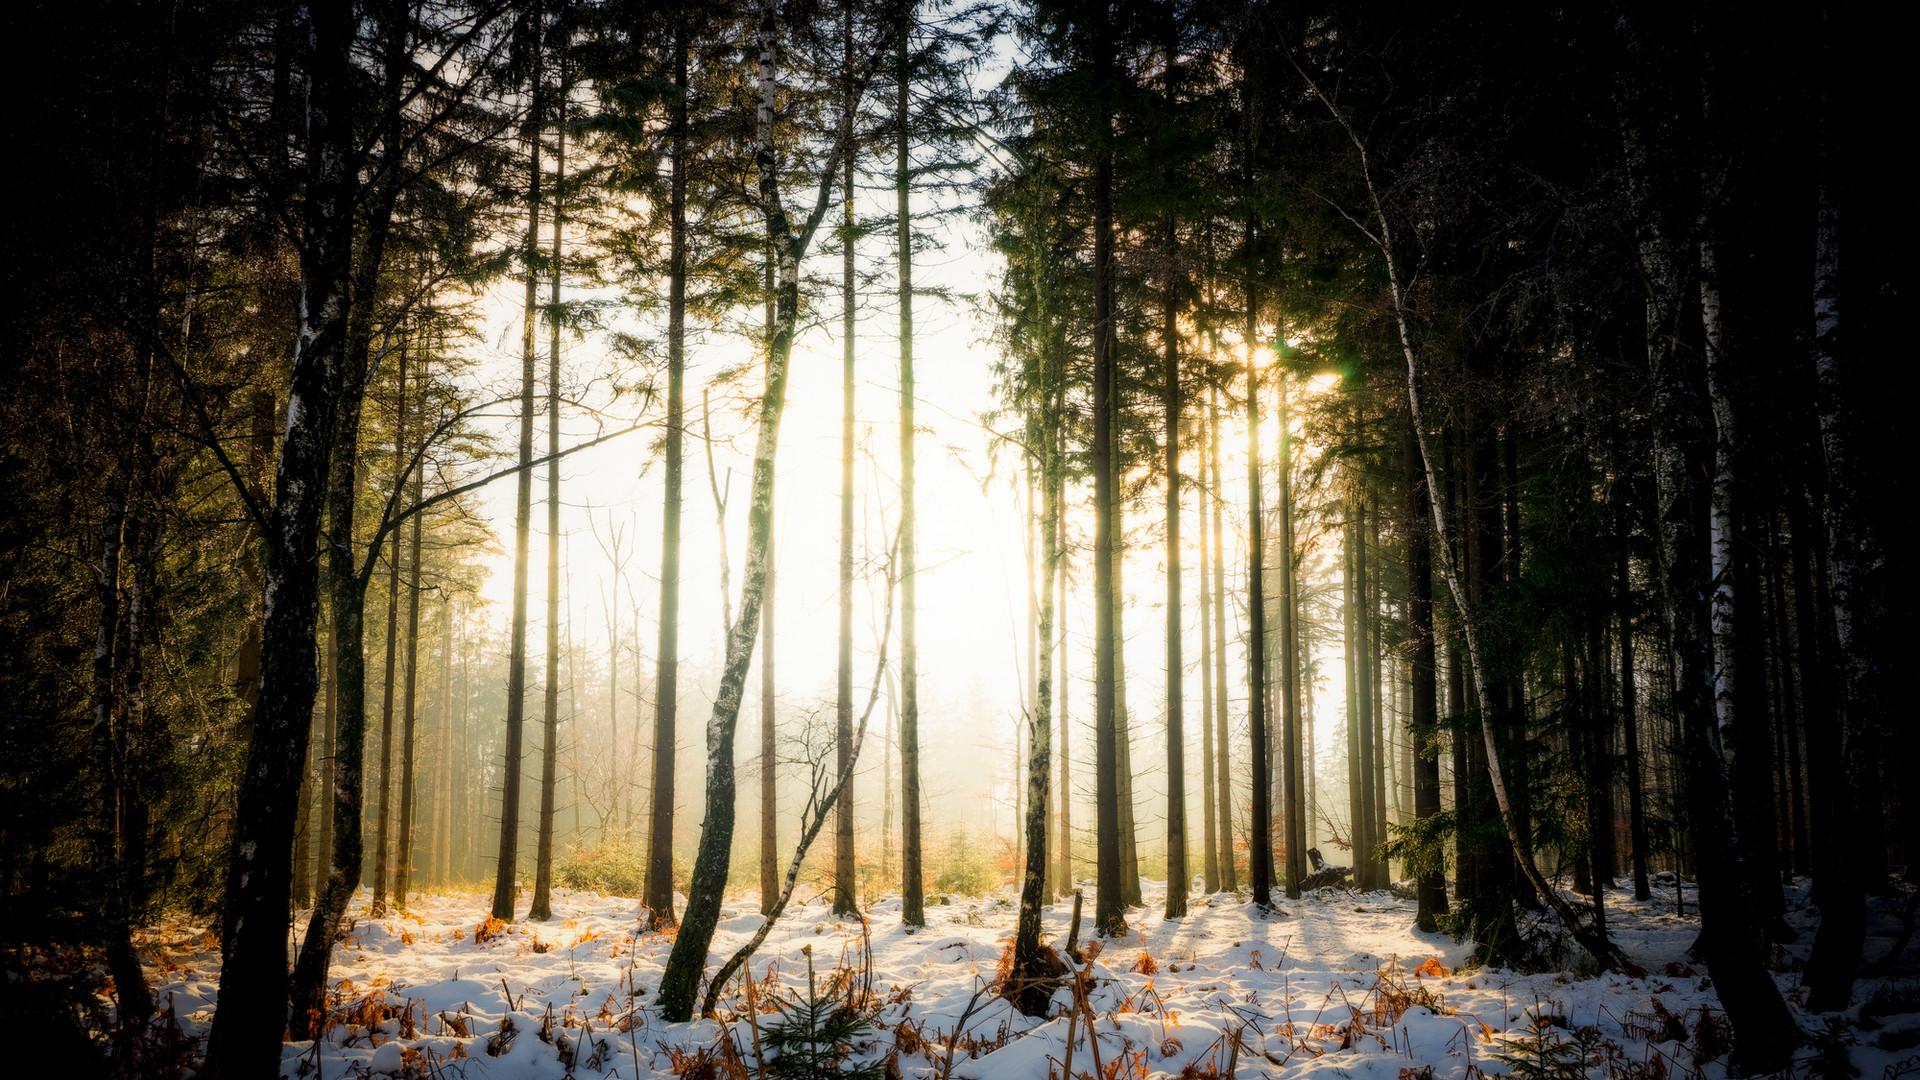 Roetgener Wald, Eifel, Germany